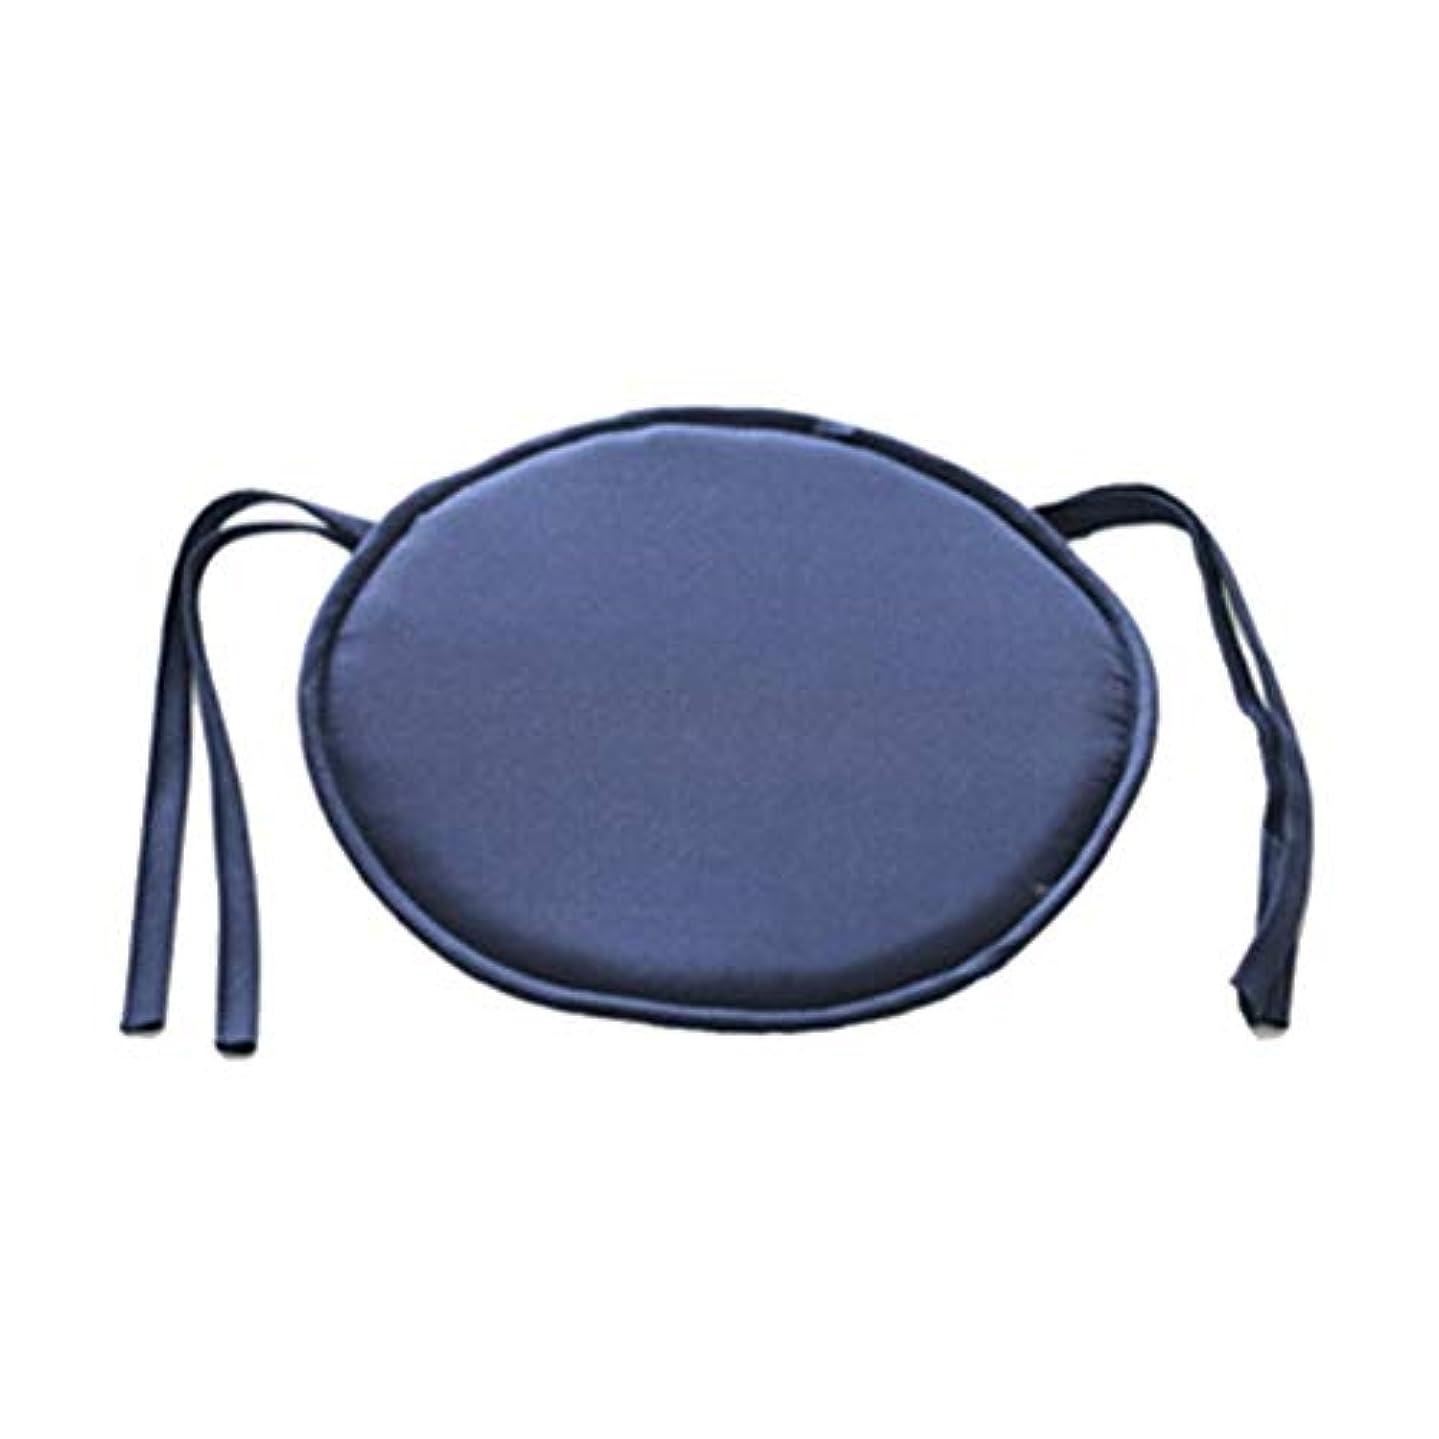 アルカイック遠え第五LIFE ホット販売ラウンドチェアクッション屋内ポップパティオオフィスチェアシートパッドネクタイスクエアガーデンキッチンダイニングクッション クッション 椅子